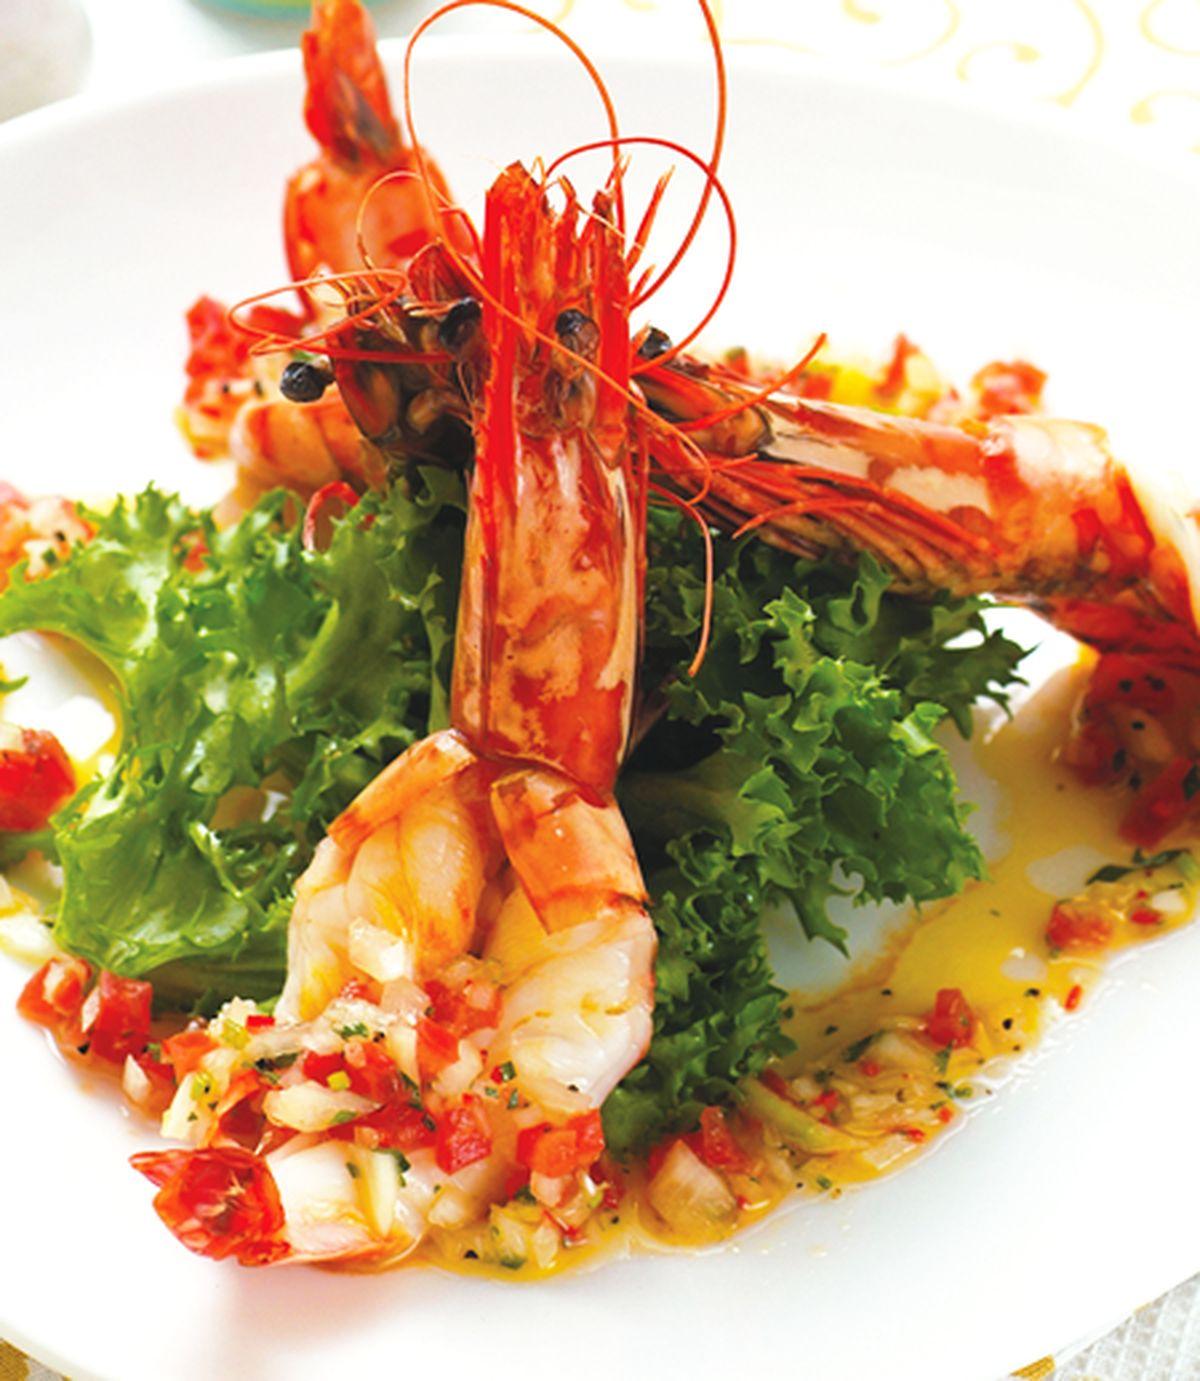 食譜:鮮蝦莎莎暖沙拉